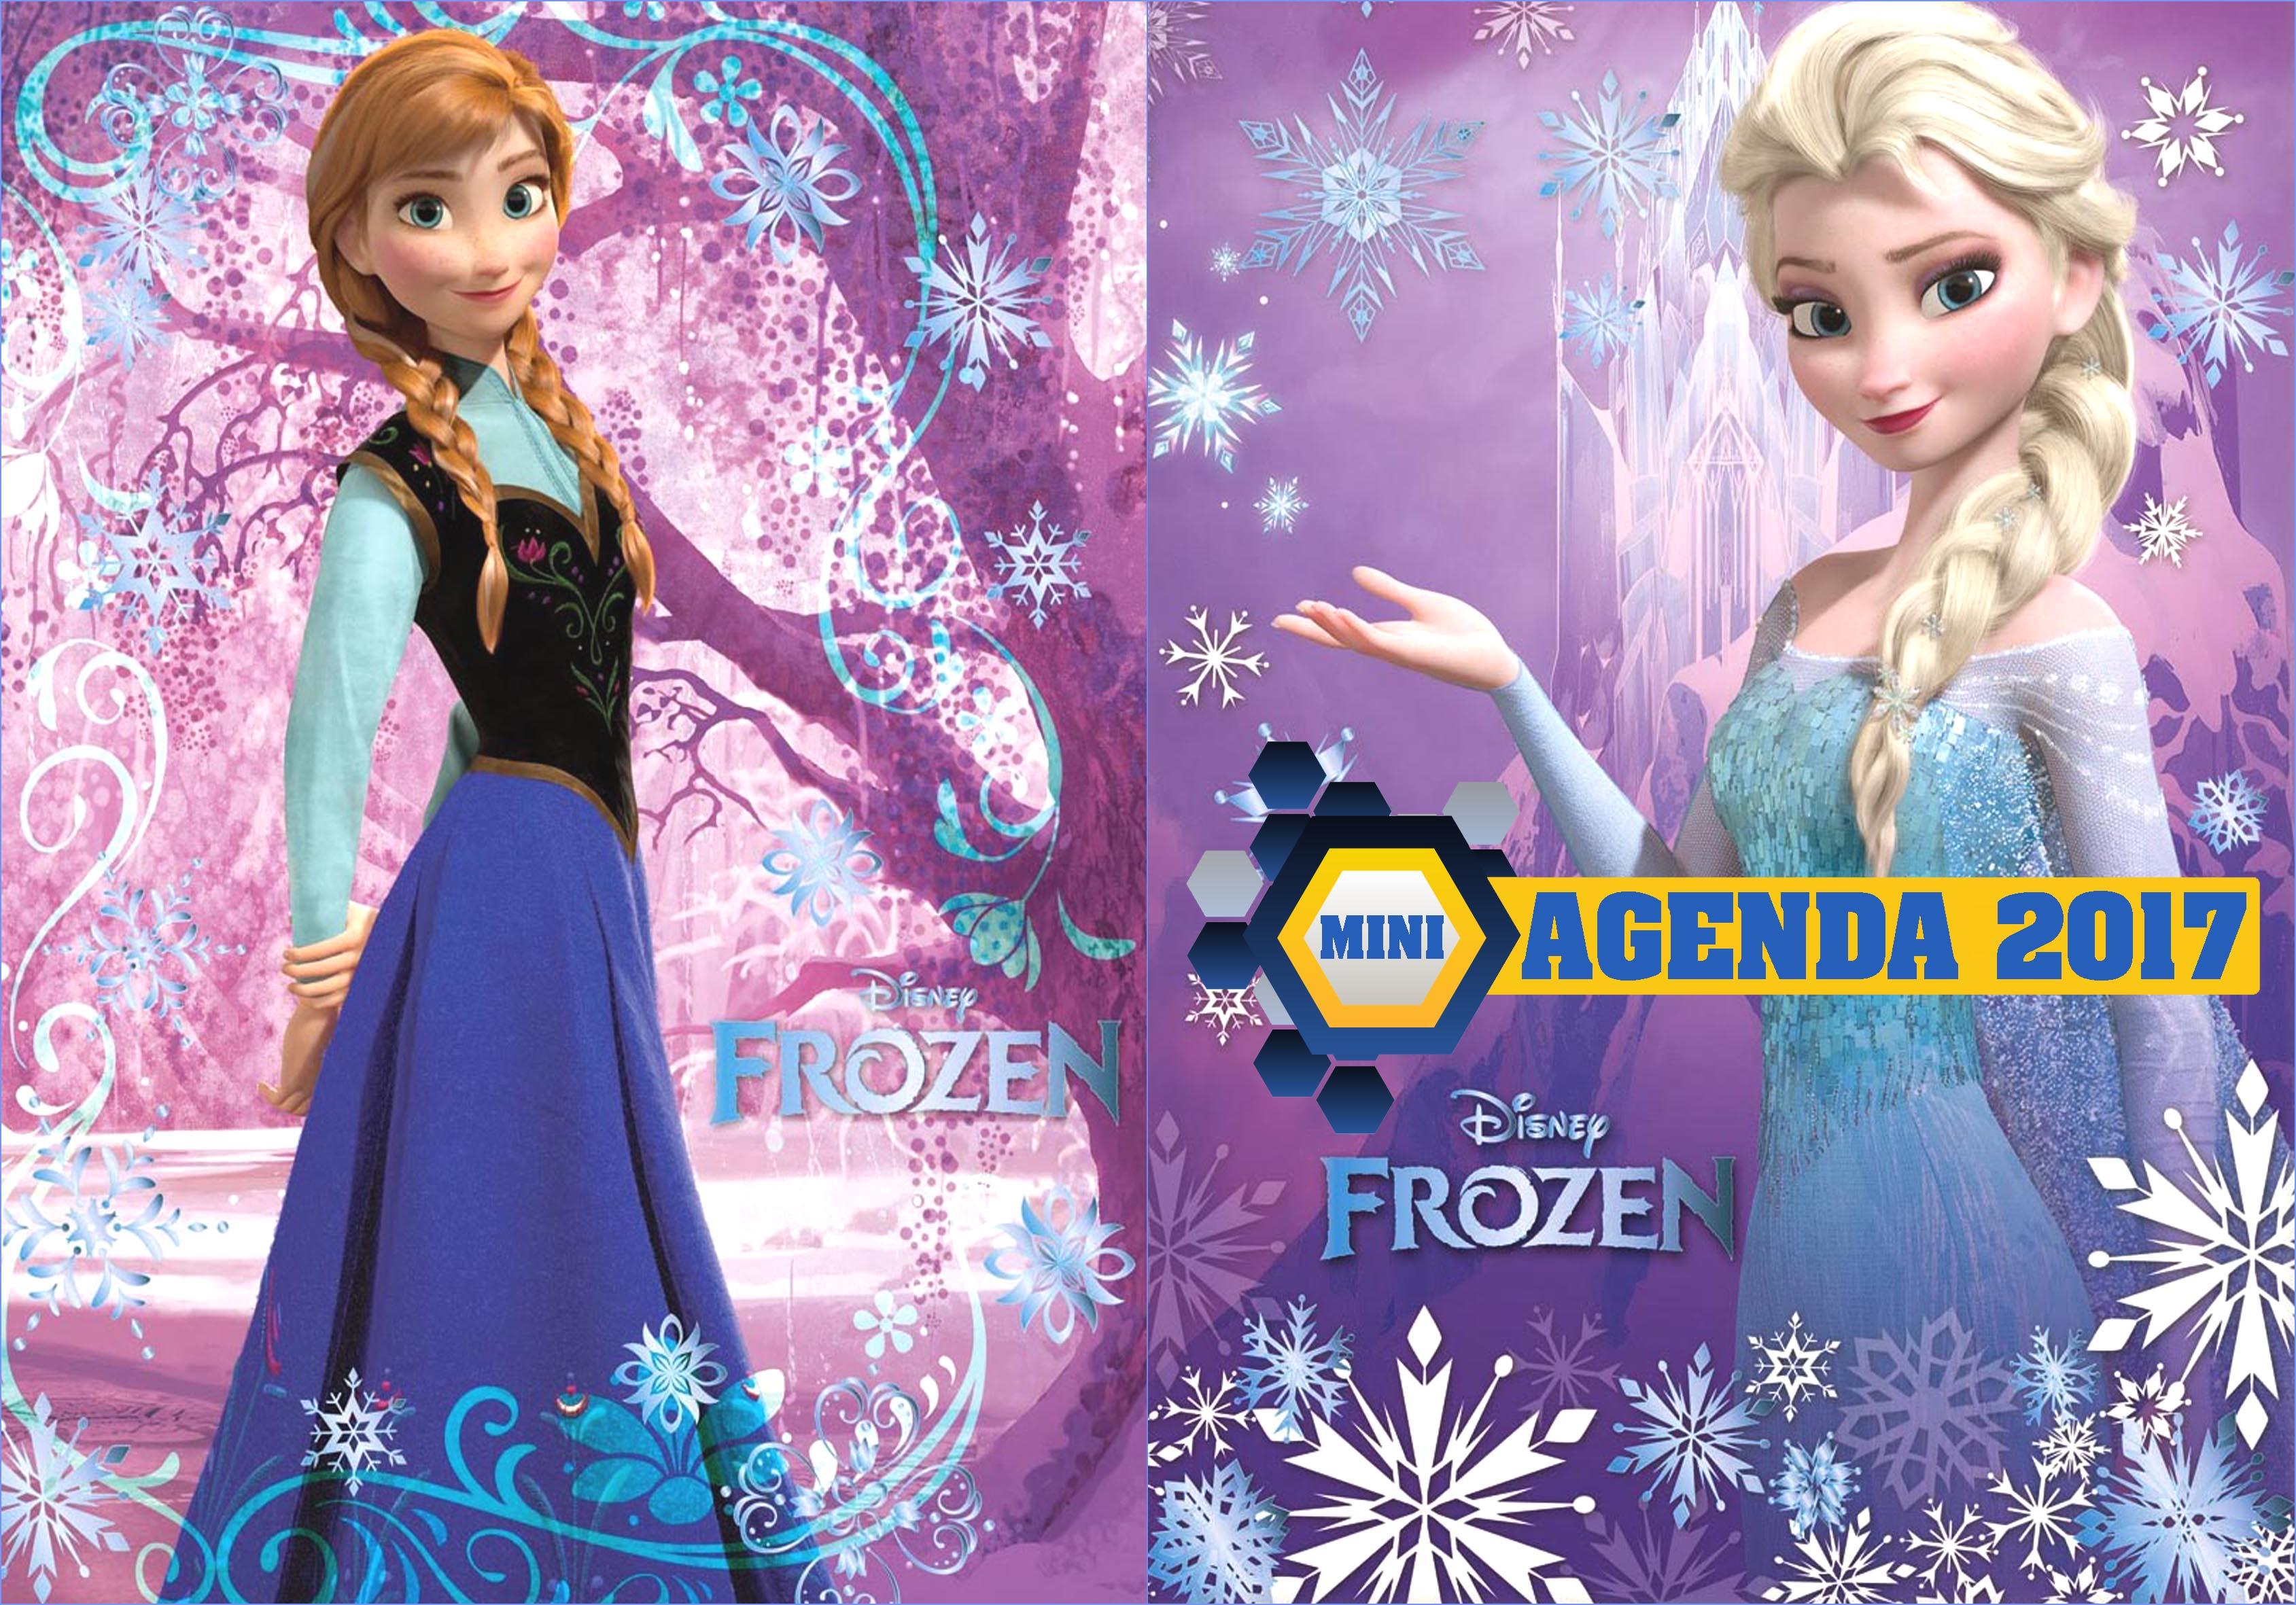 CAPA Agenda Frozen 20177